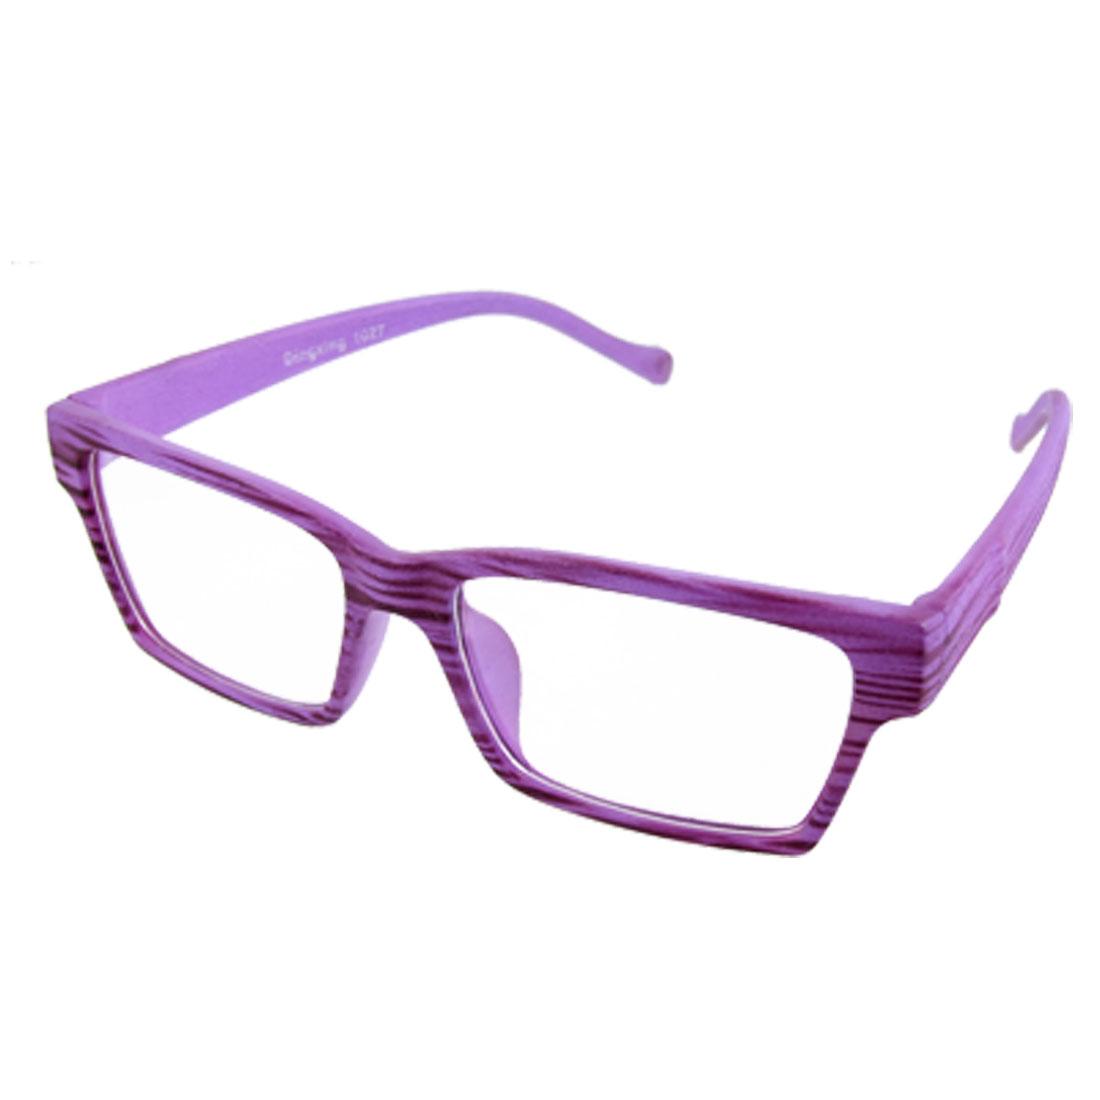 Unisex Purple Wood Grain Full Rim Plain Clear Lens Glasses